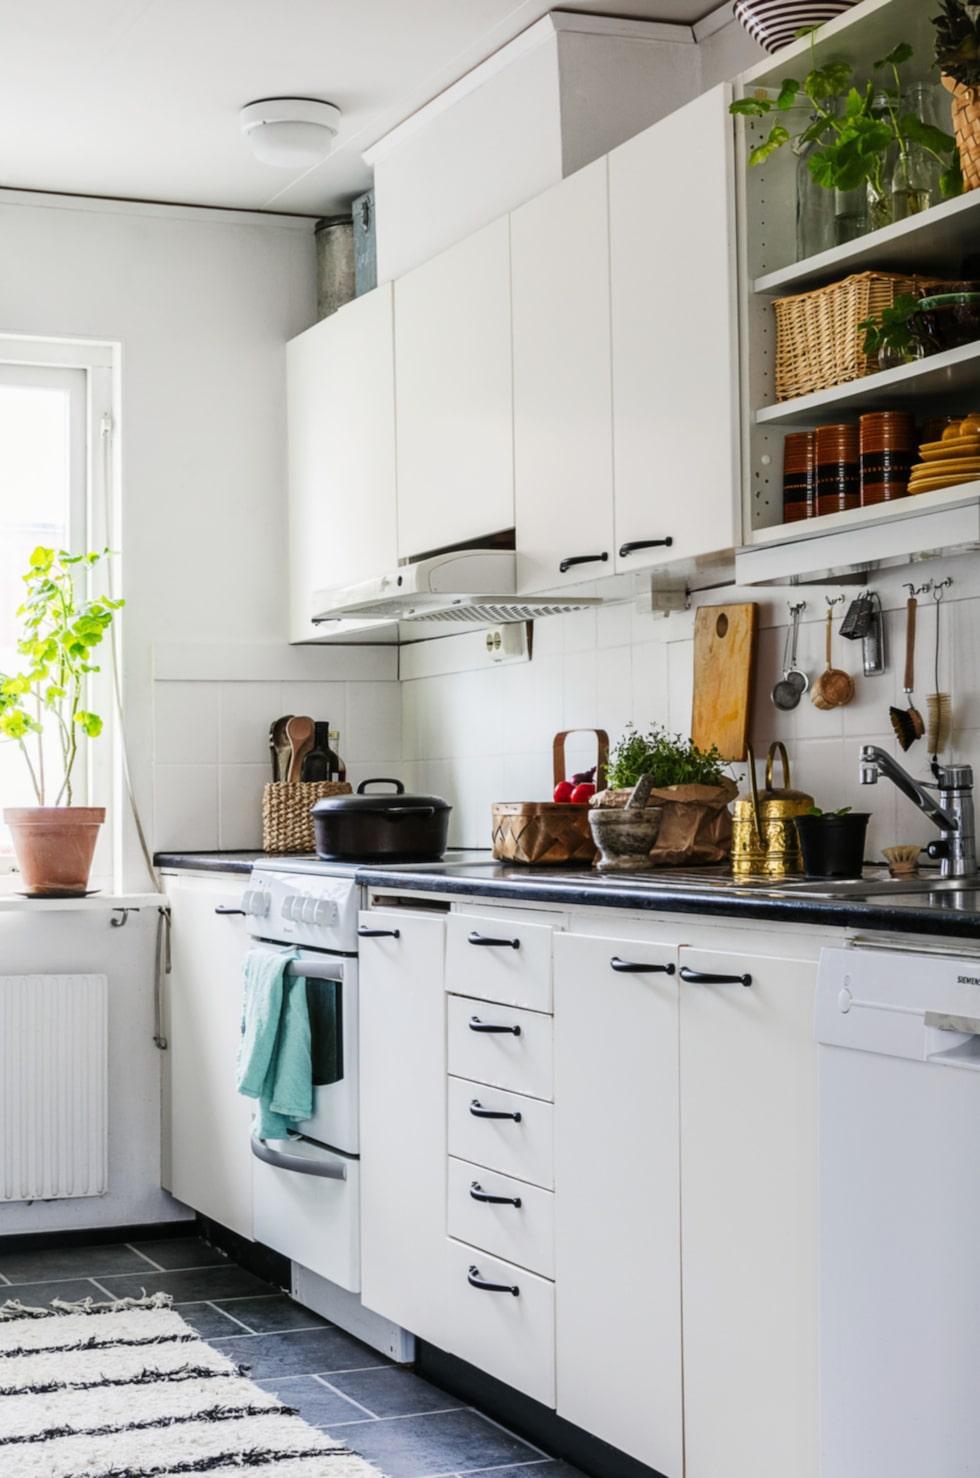 Vita luckor. Köket är litet men rymmer ändå allt som behövs. Matta från Butik Linnea. Loppisfynd. De bruna kopparna har varit Malins mormors. Den rostfria kannan är ett loppisfynd.